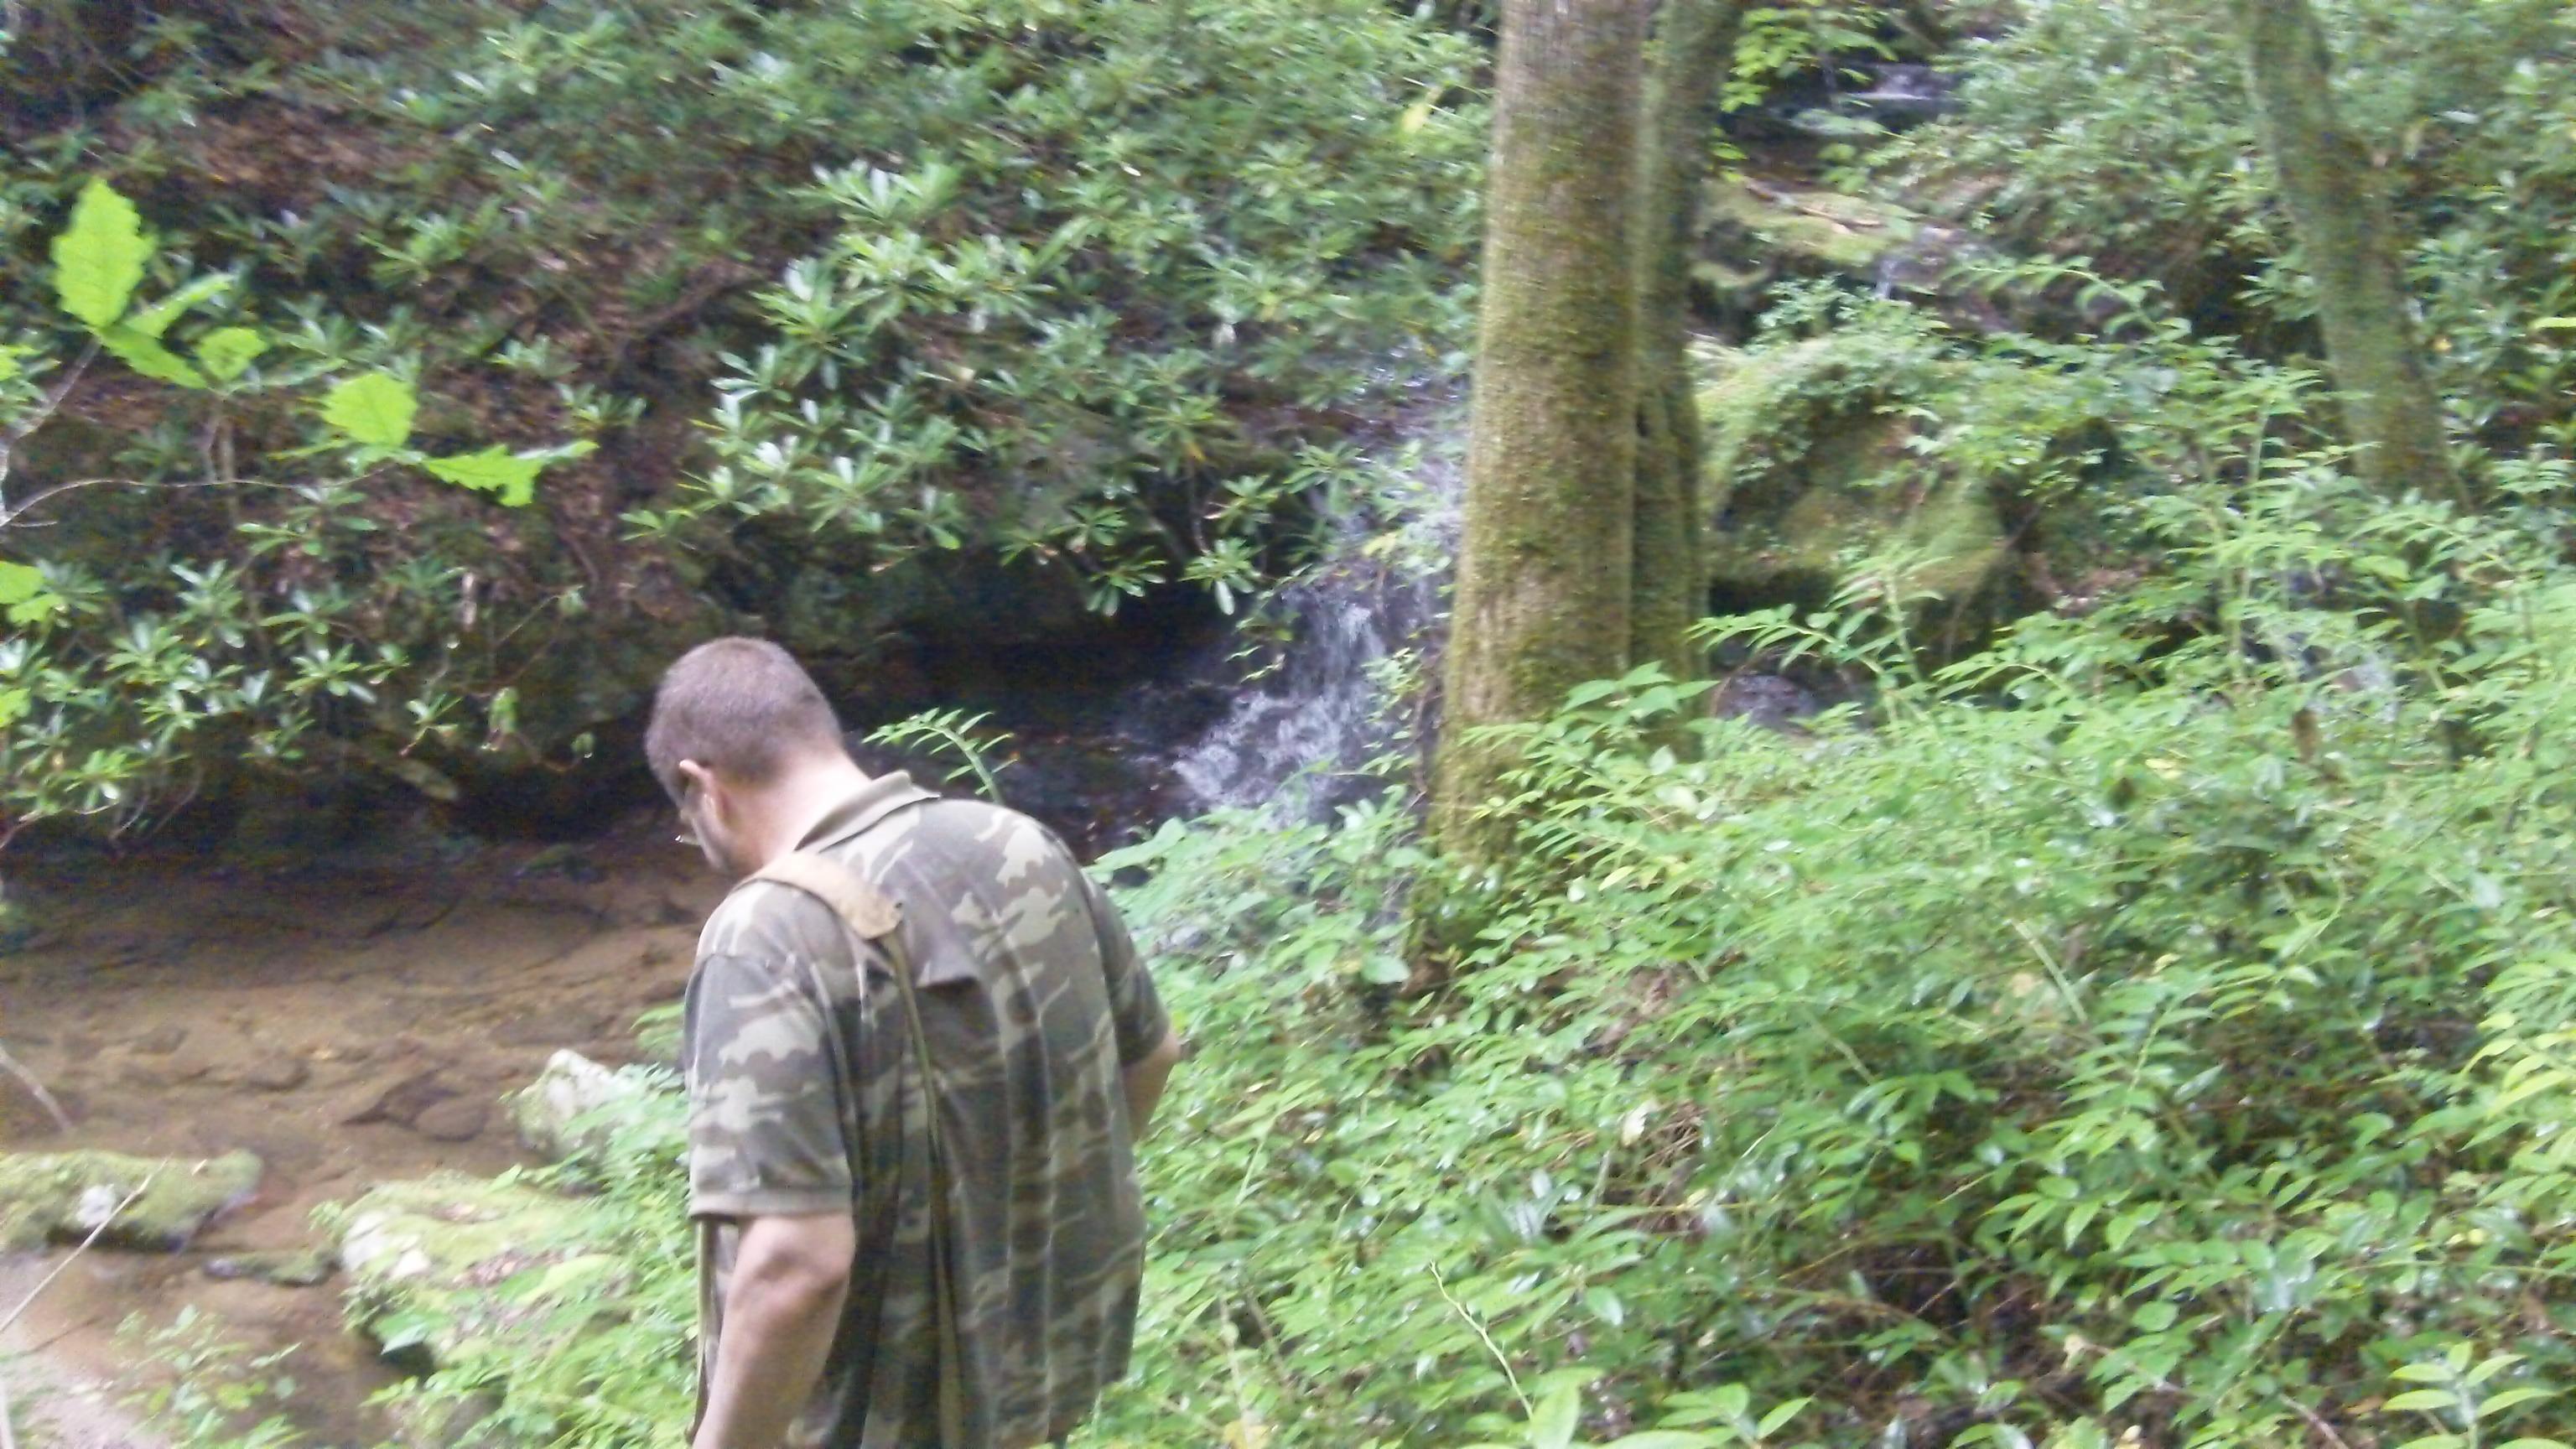 A Bear & a waterfall...